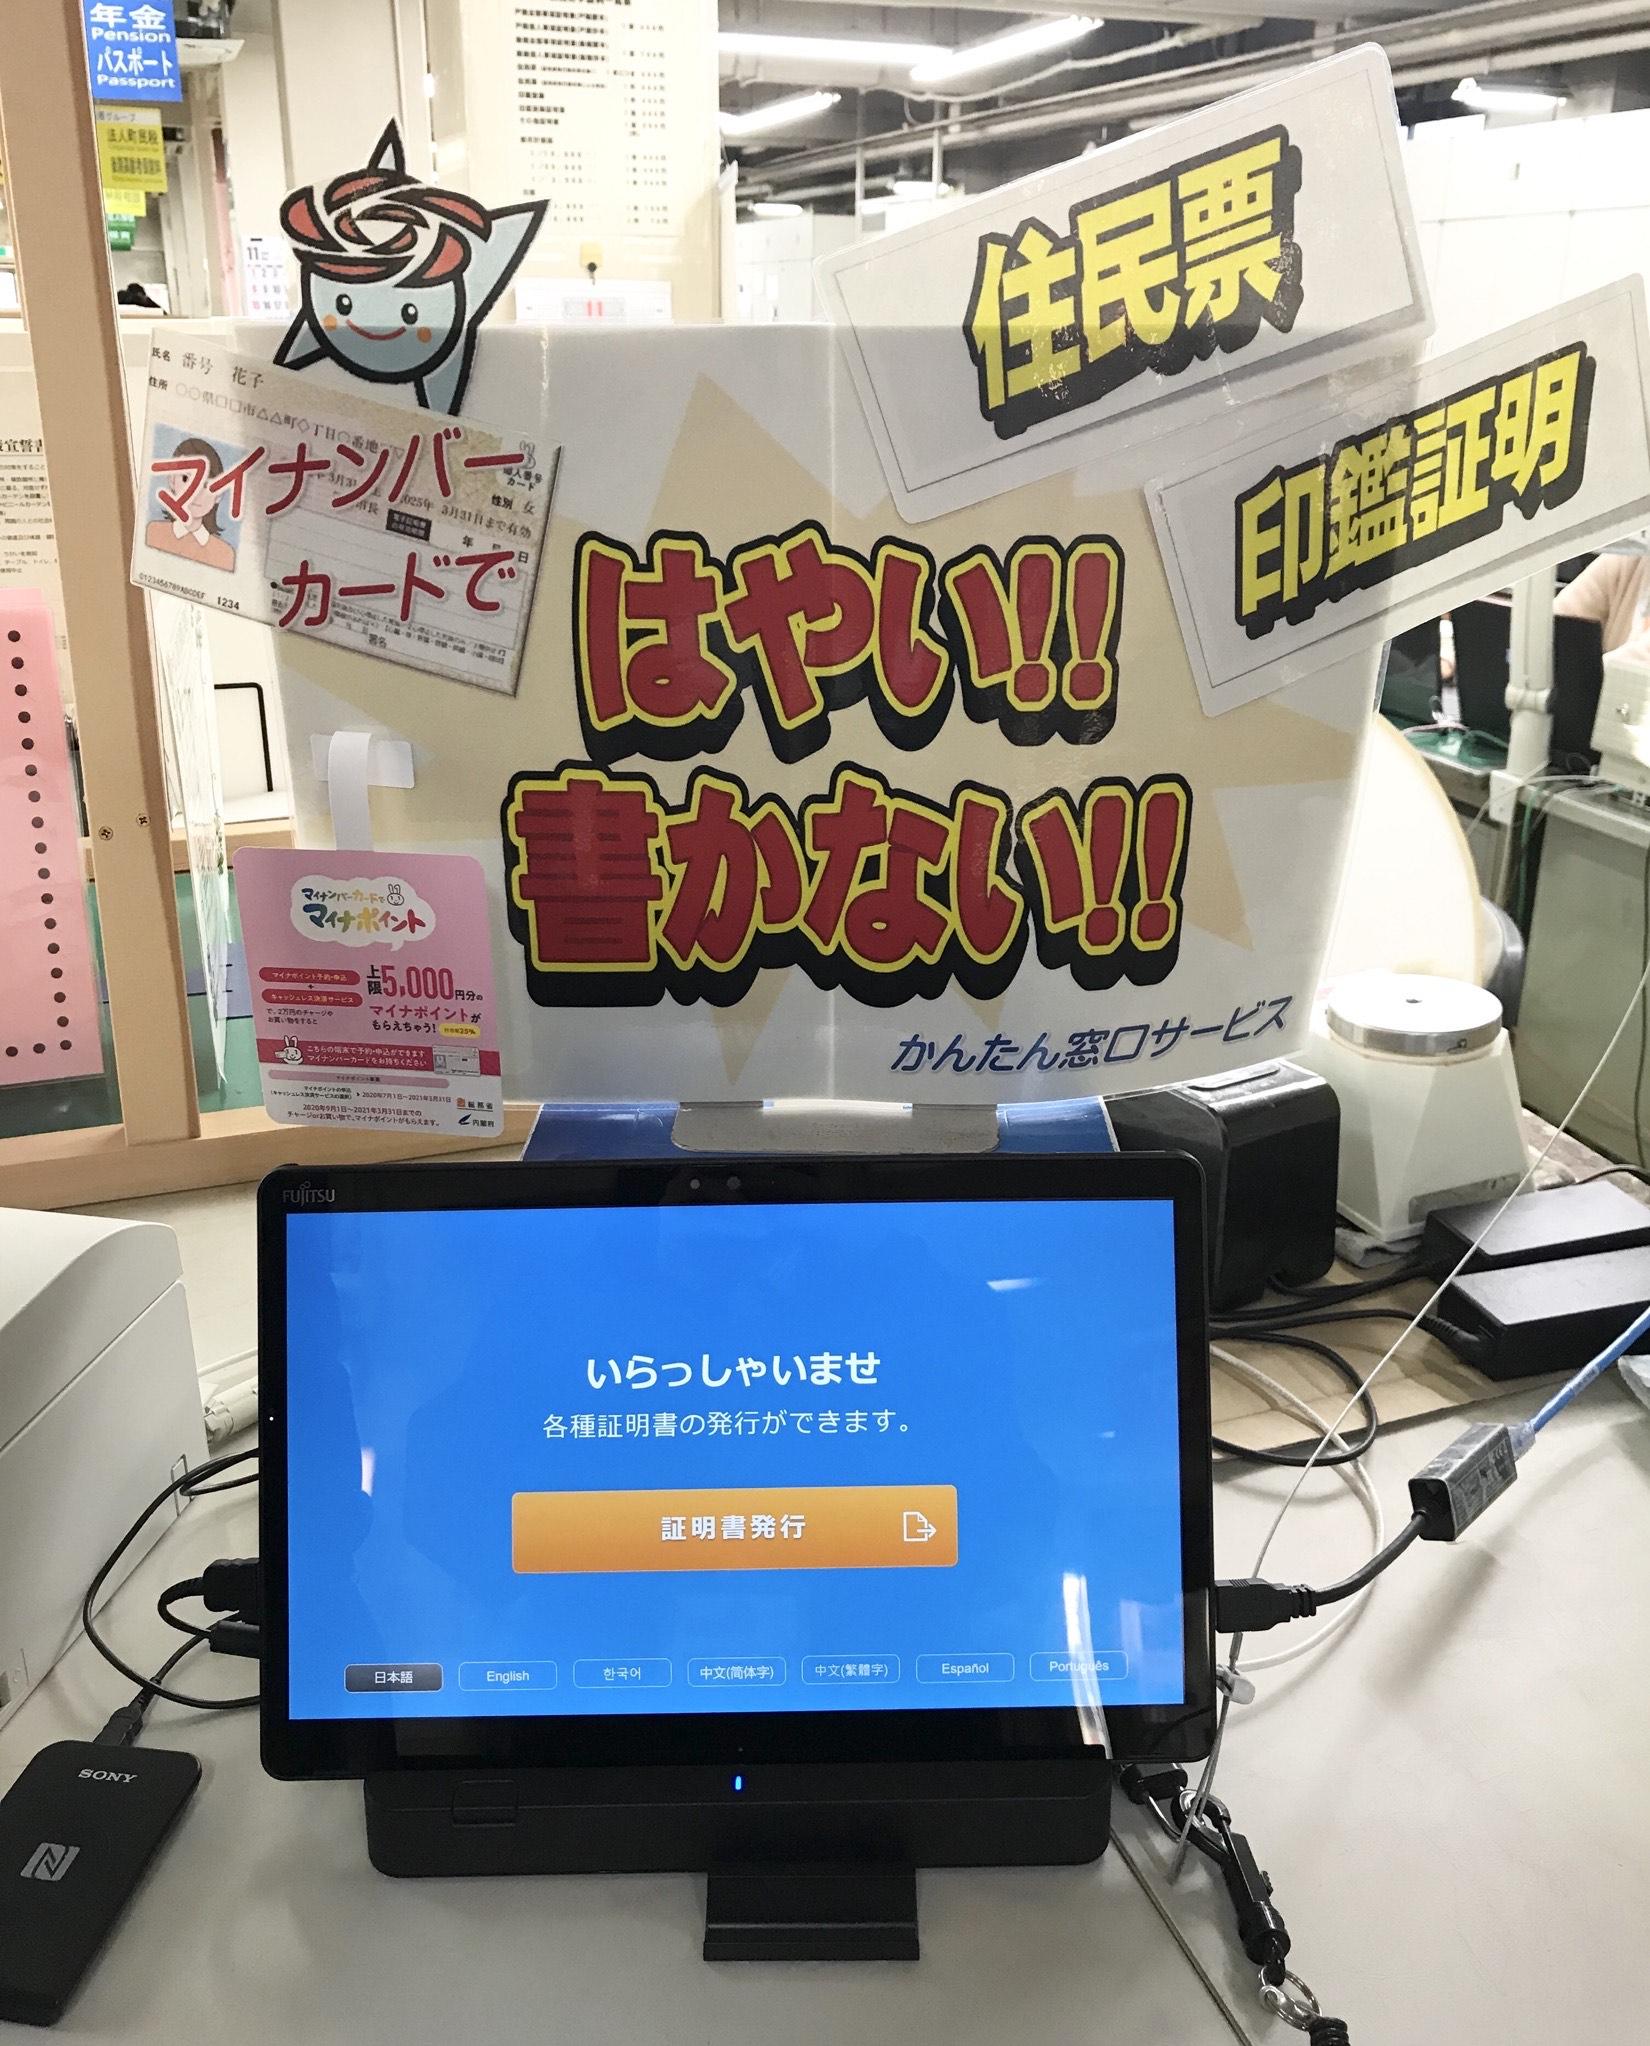 かんたん窓口サービス日本語版